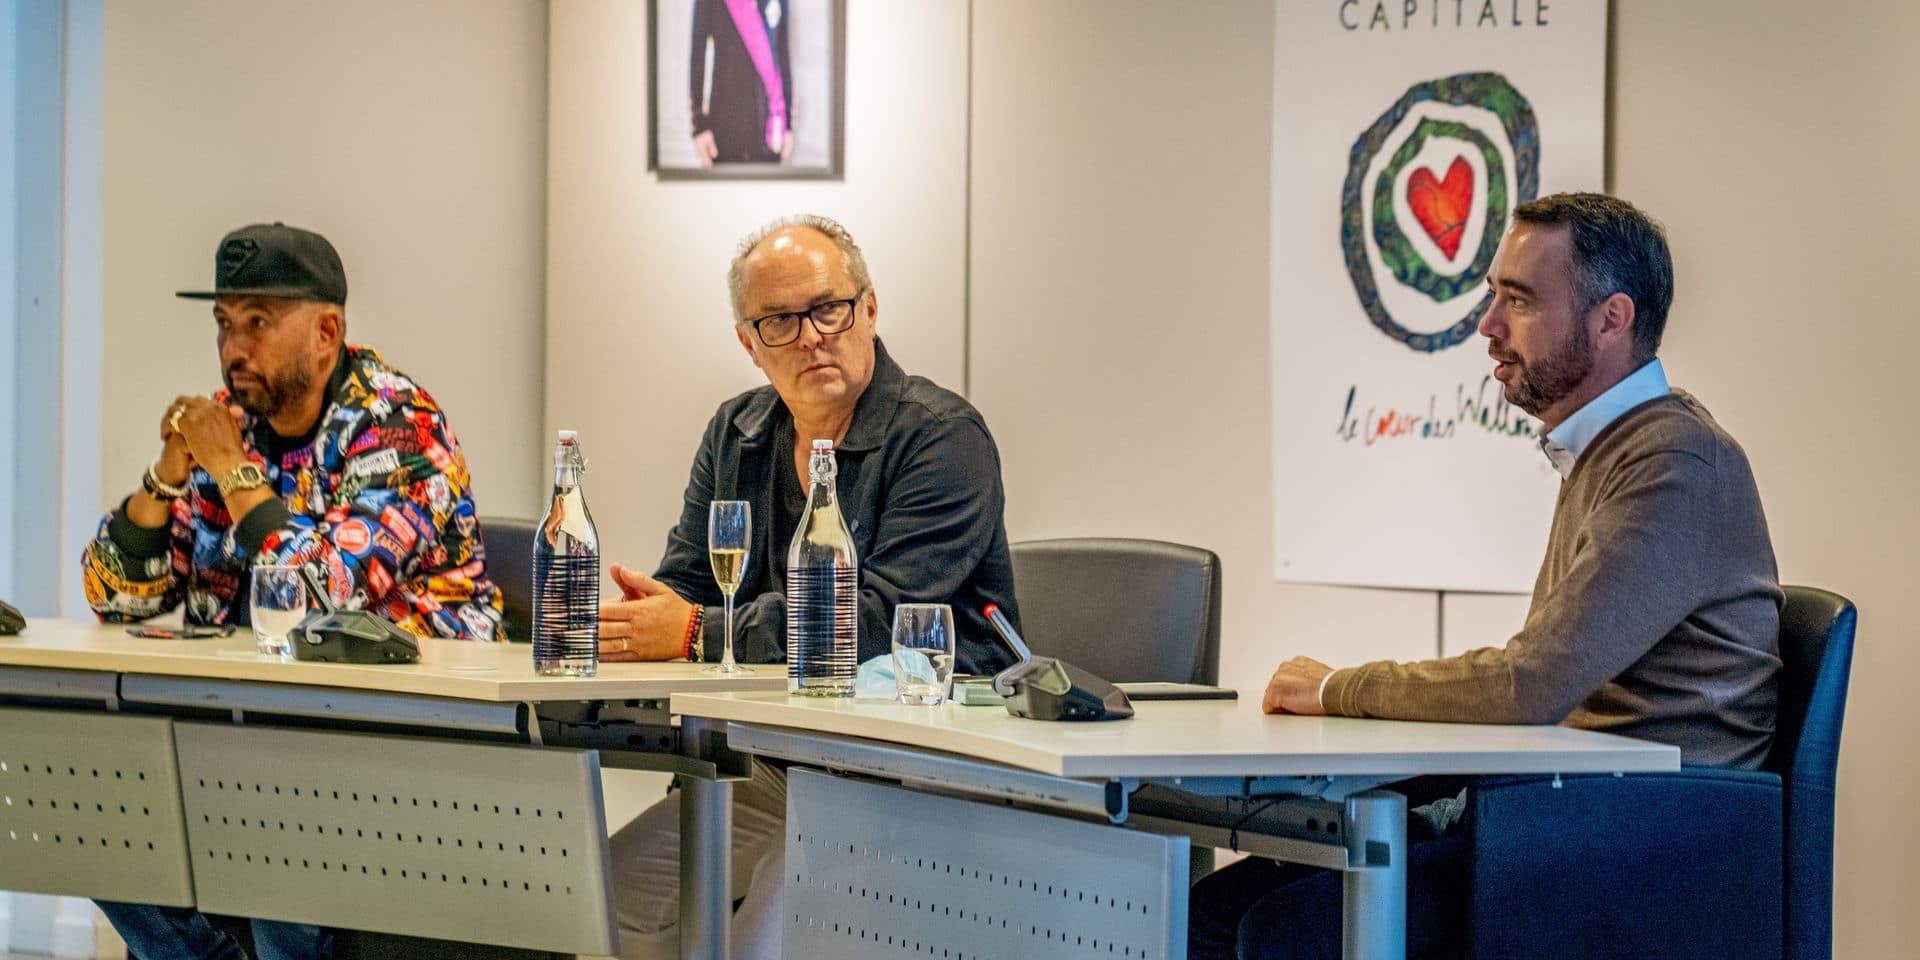 14 artistes des années 80 et 90 à la Citadelle de Namur le 25 septembre prochain